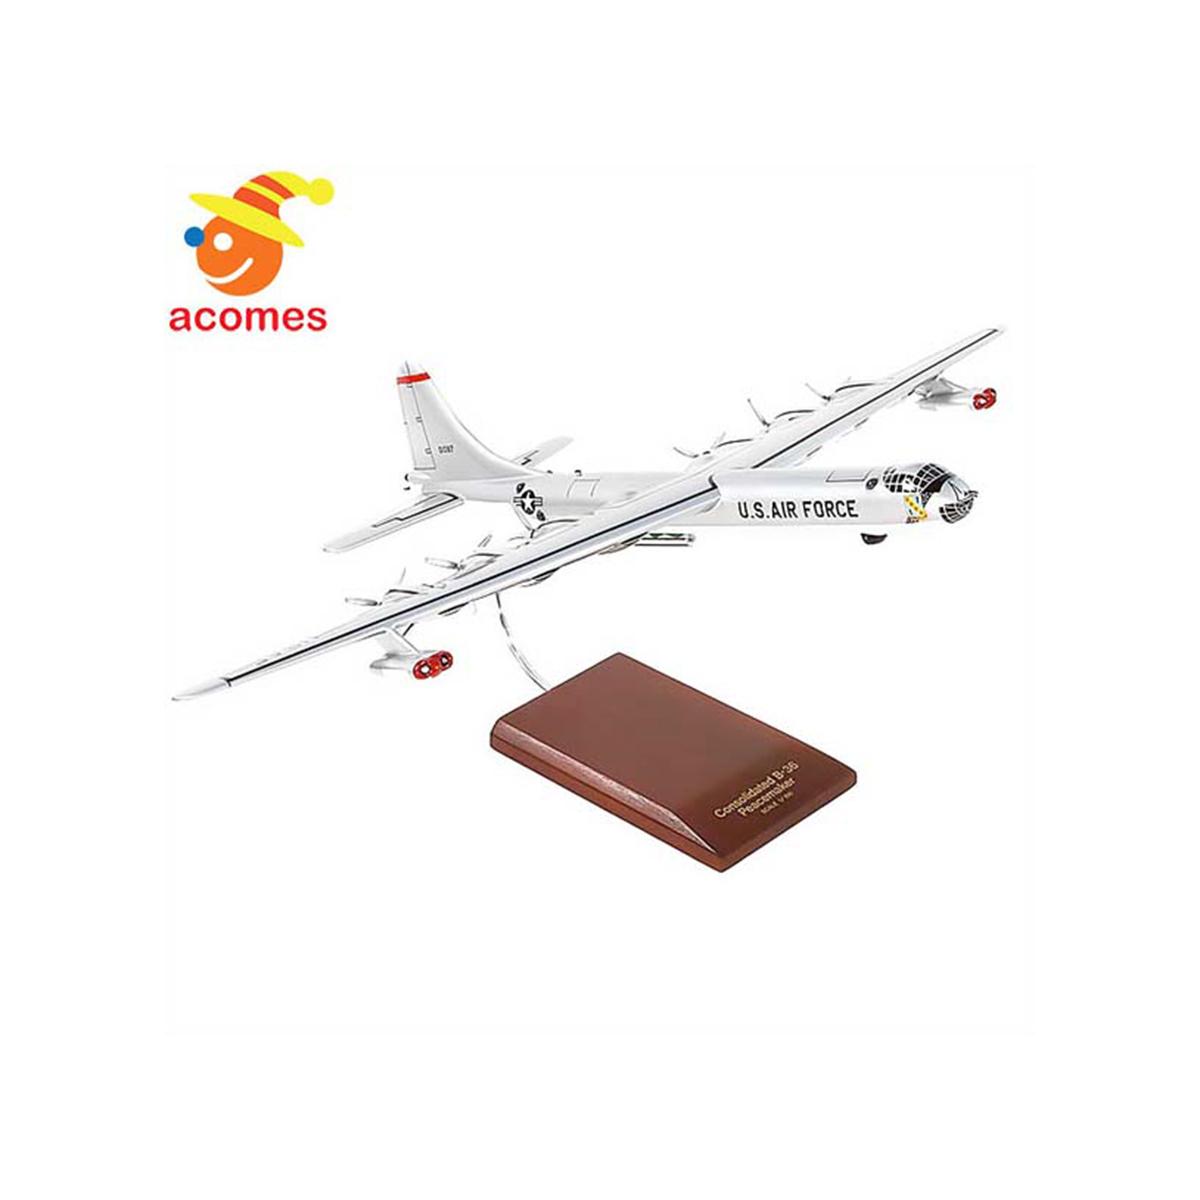 【通常便なら送料無料】ボーイング B-36J ピースメーカー 模型 ボーイング B 36 J ピースメーカー 1/125 スケール マスタークラフト コレクション 模型